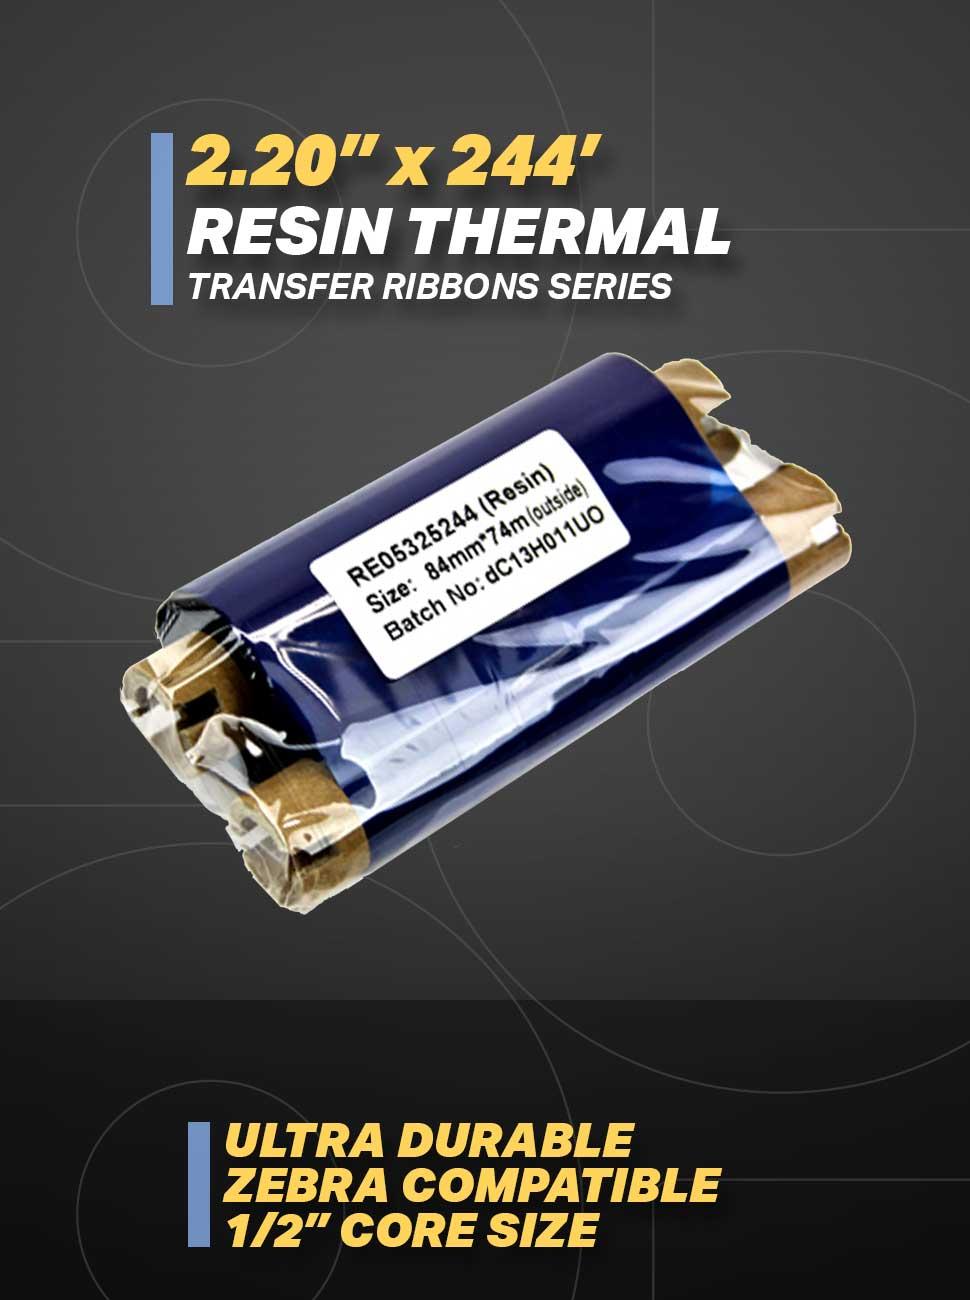 zebra resin thermal